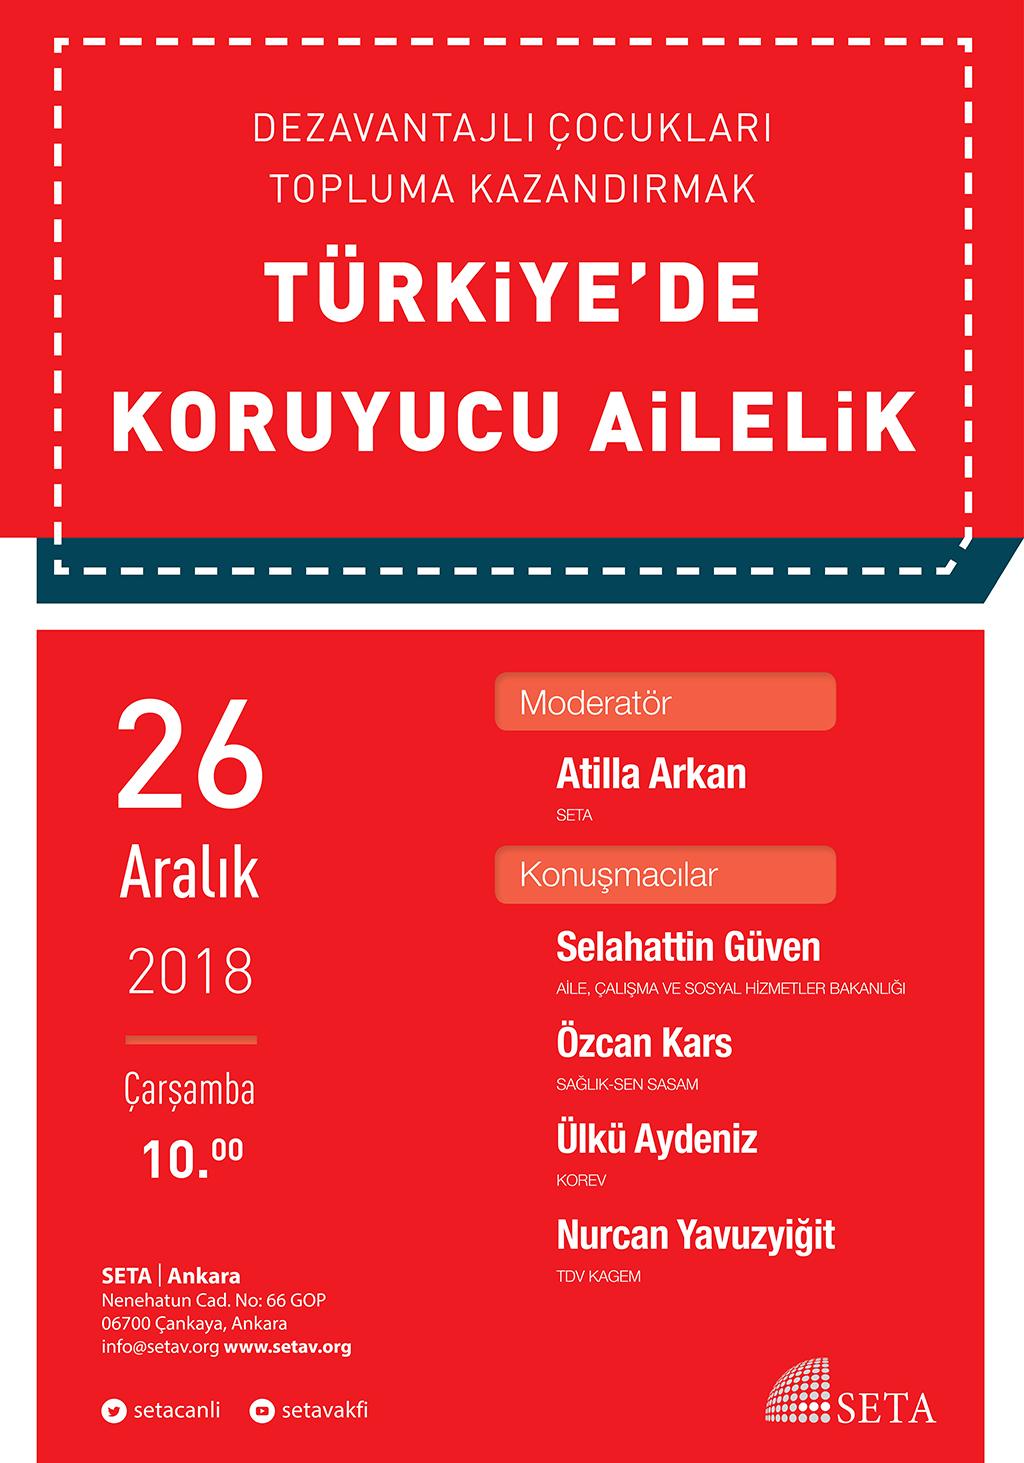 Panel: Dezavantajlı Çocukları Topluma Kazandırmak | Türkiye'de Koruyucu Ailelik